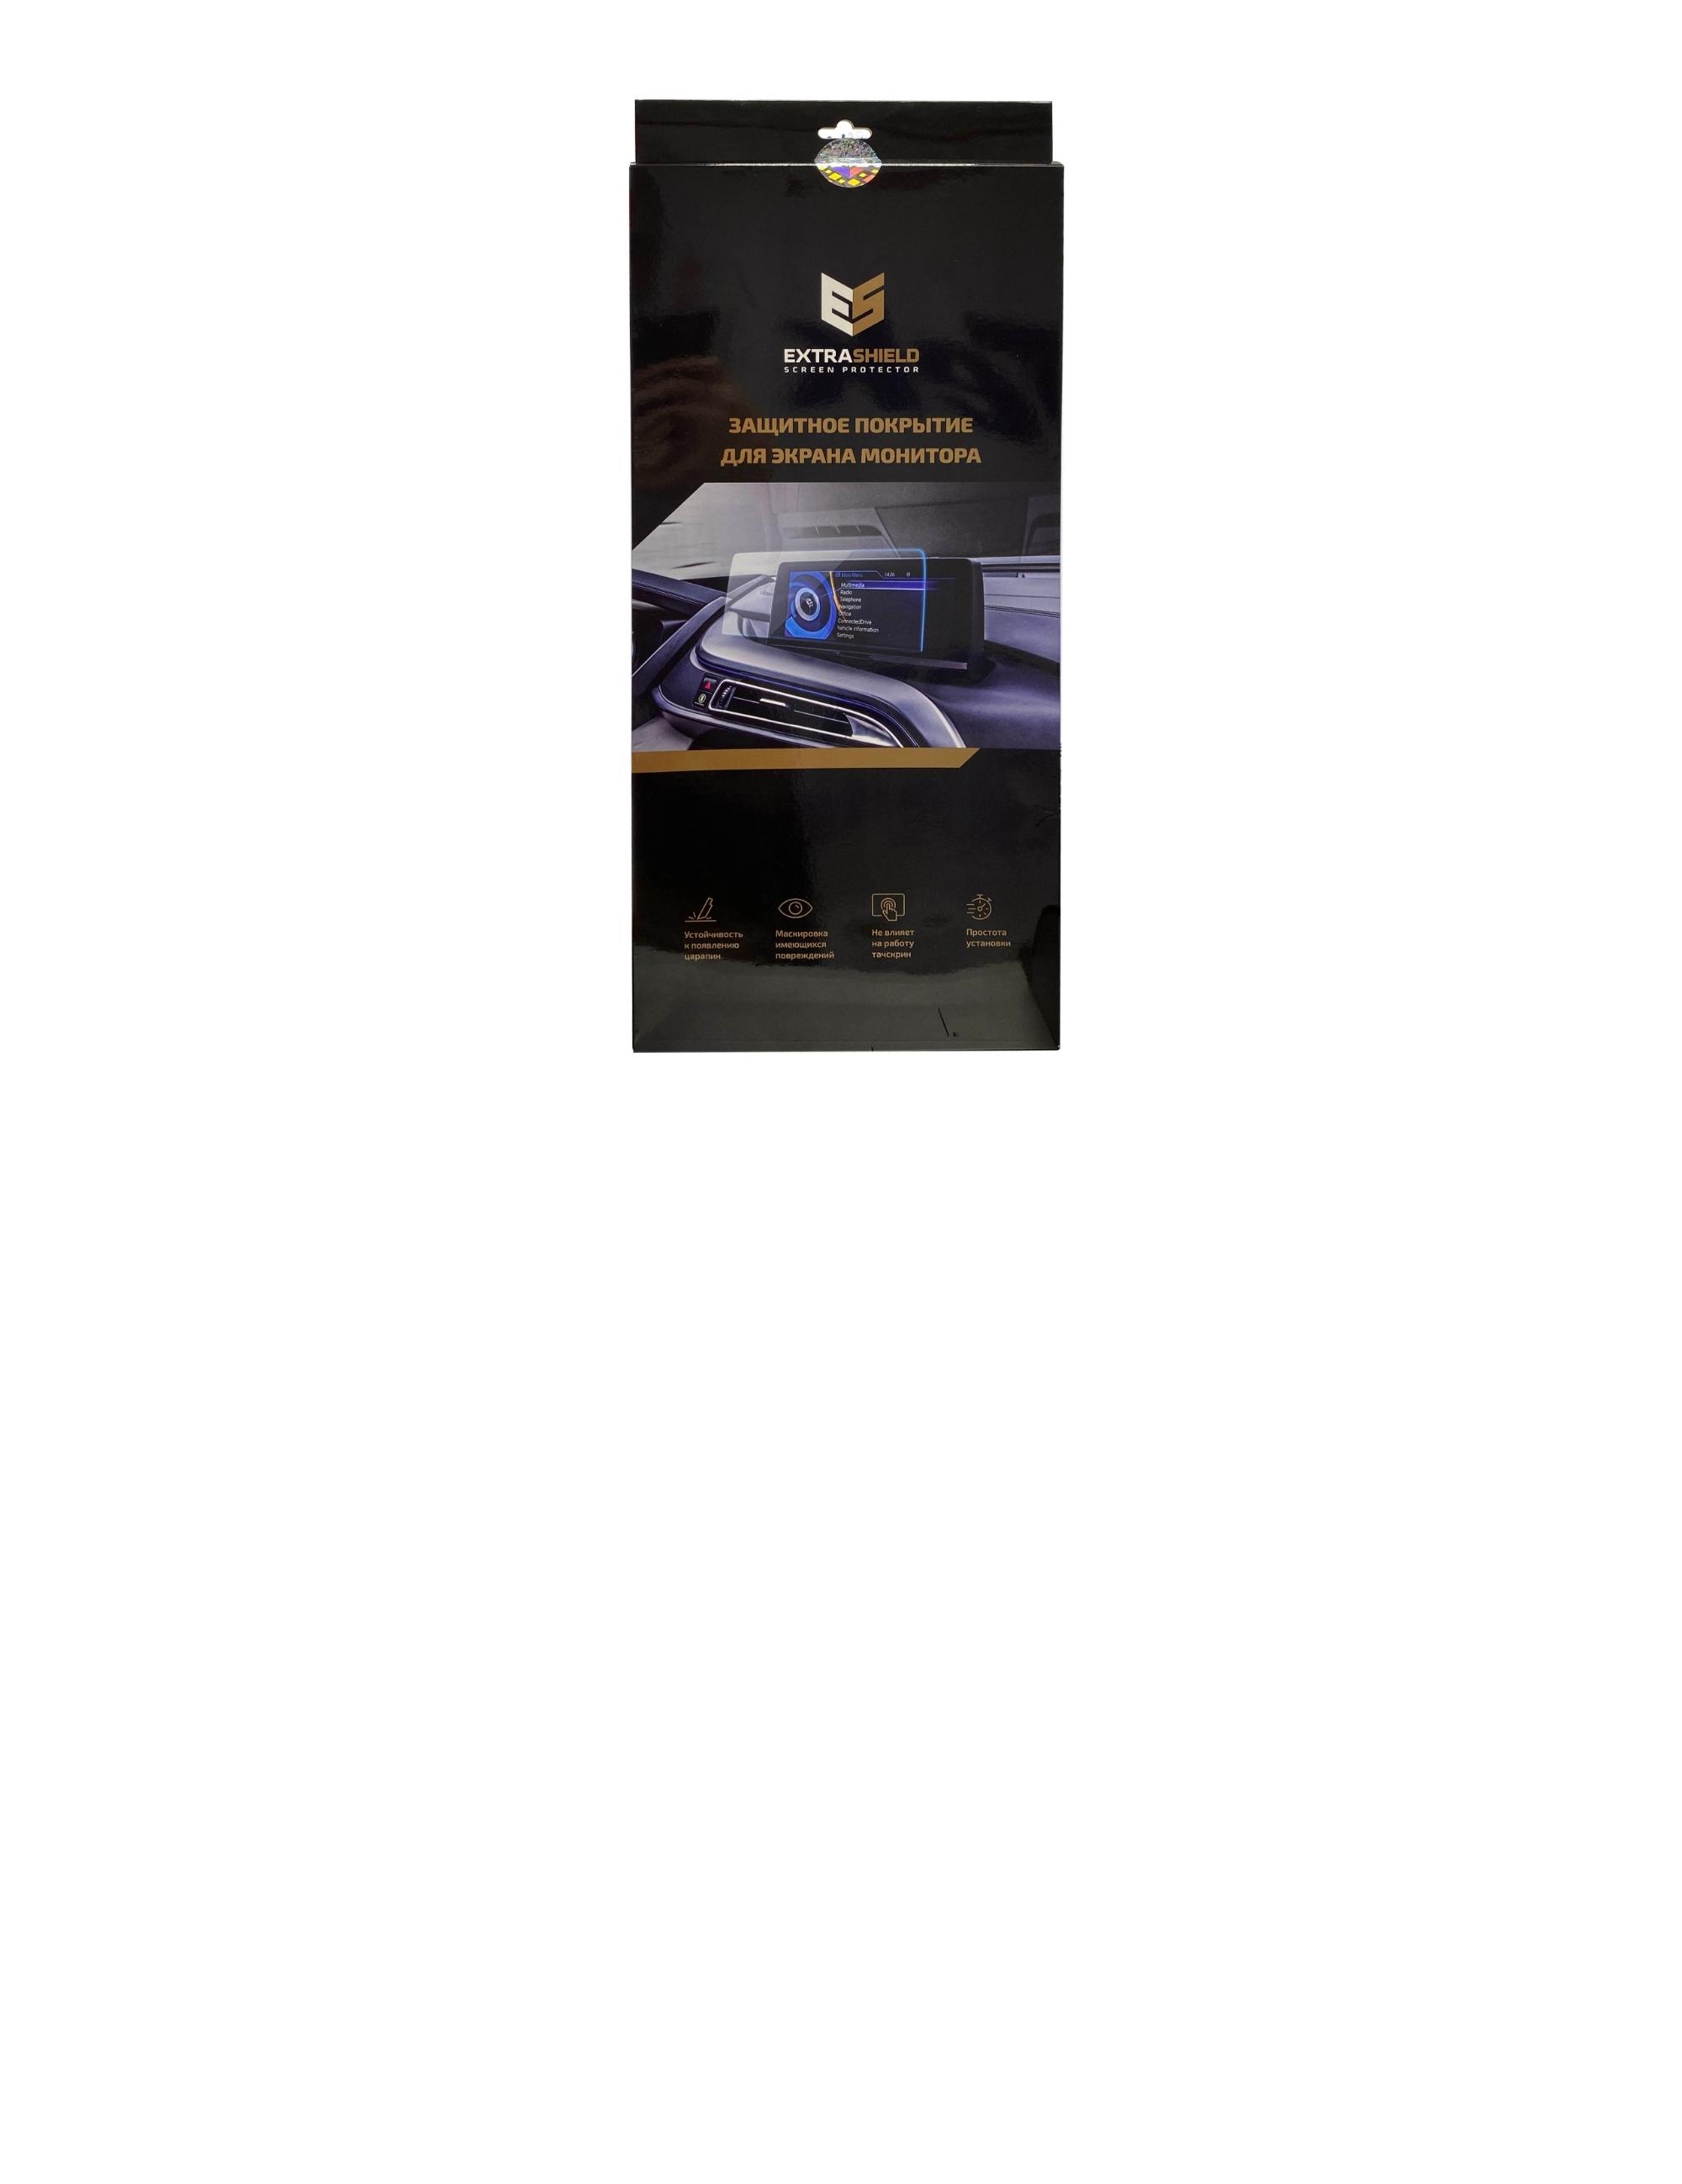 Audi Q8 2018 - н.в. мультимедиа+климат контроль 10.1-8.6 Защитное стекло Матовая